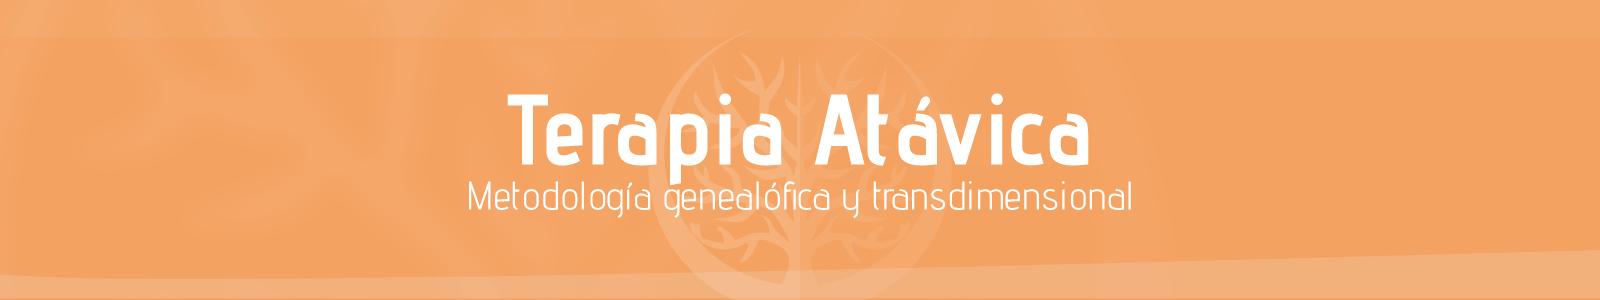 Terapia Atávica Metodologia genealógica y Transdimencional